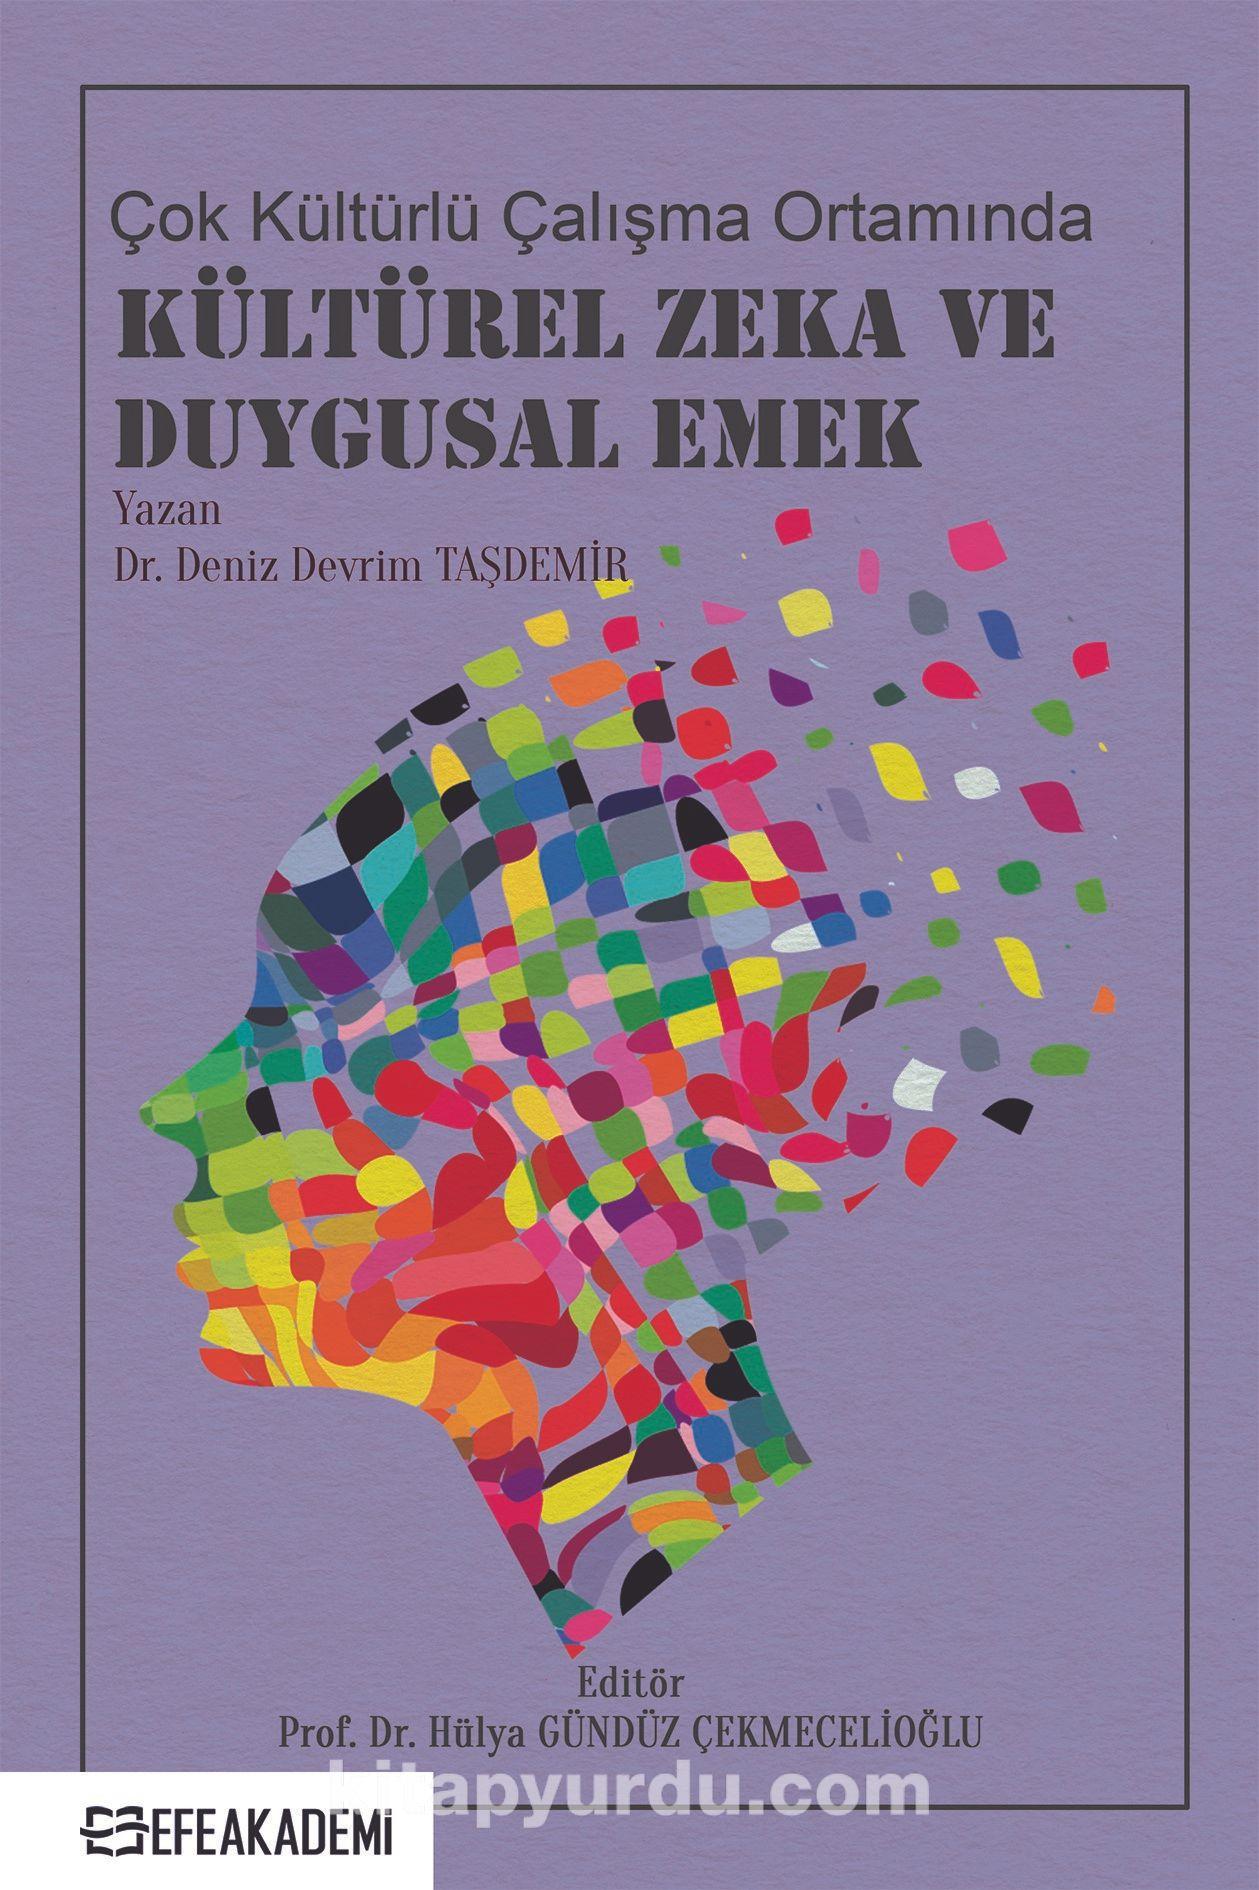 Çok Kültürlü Çalışma Ortamında Kültürel Zeka ve Duygusal Emek PDF Kitap İndir